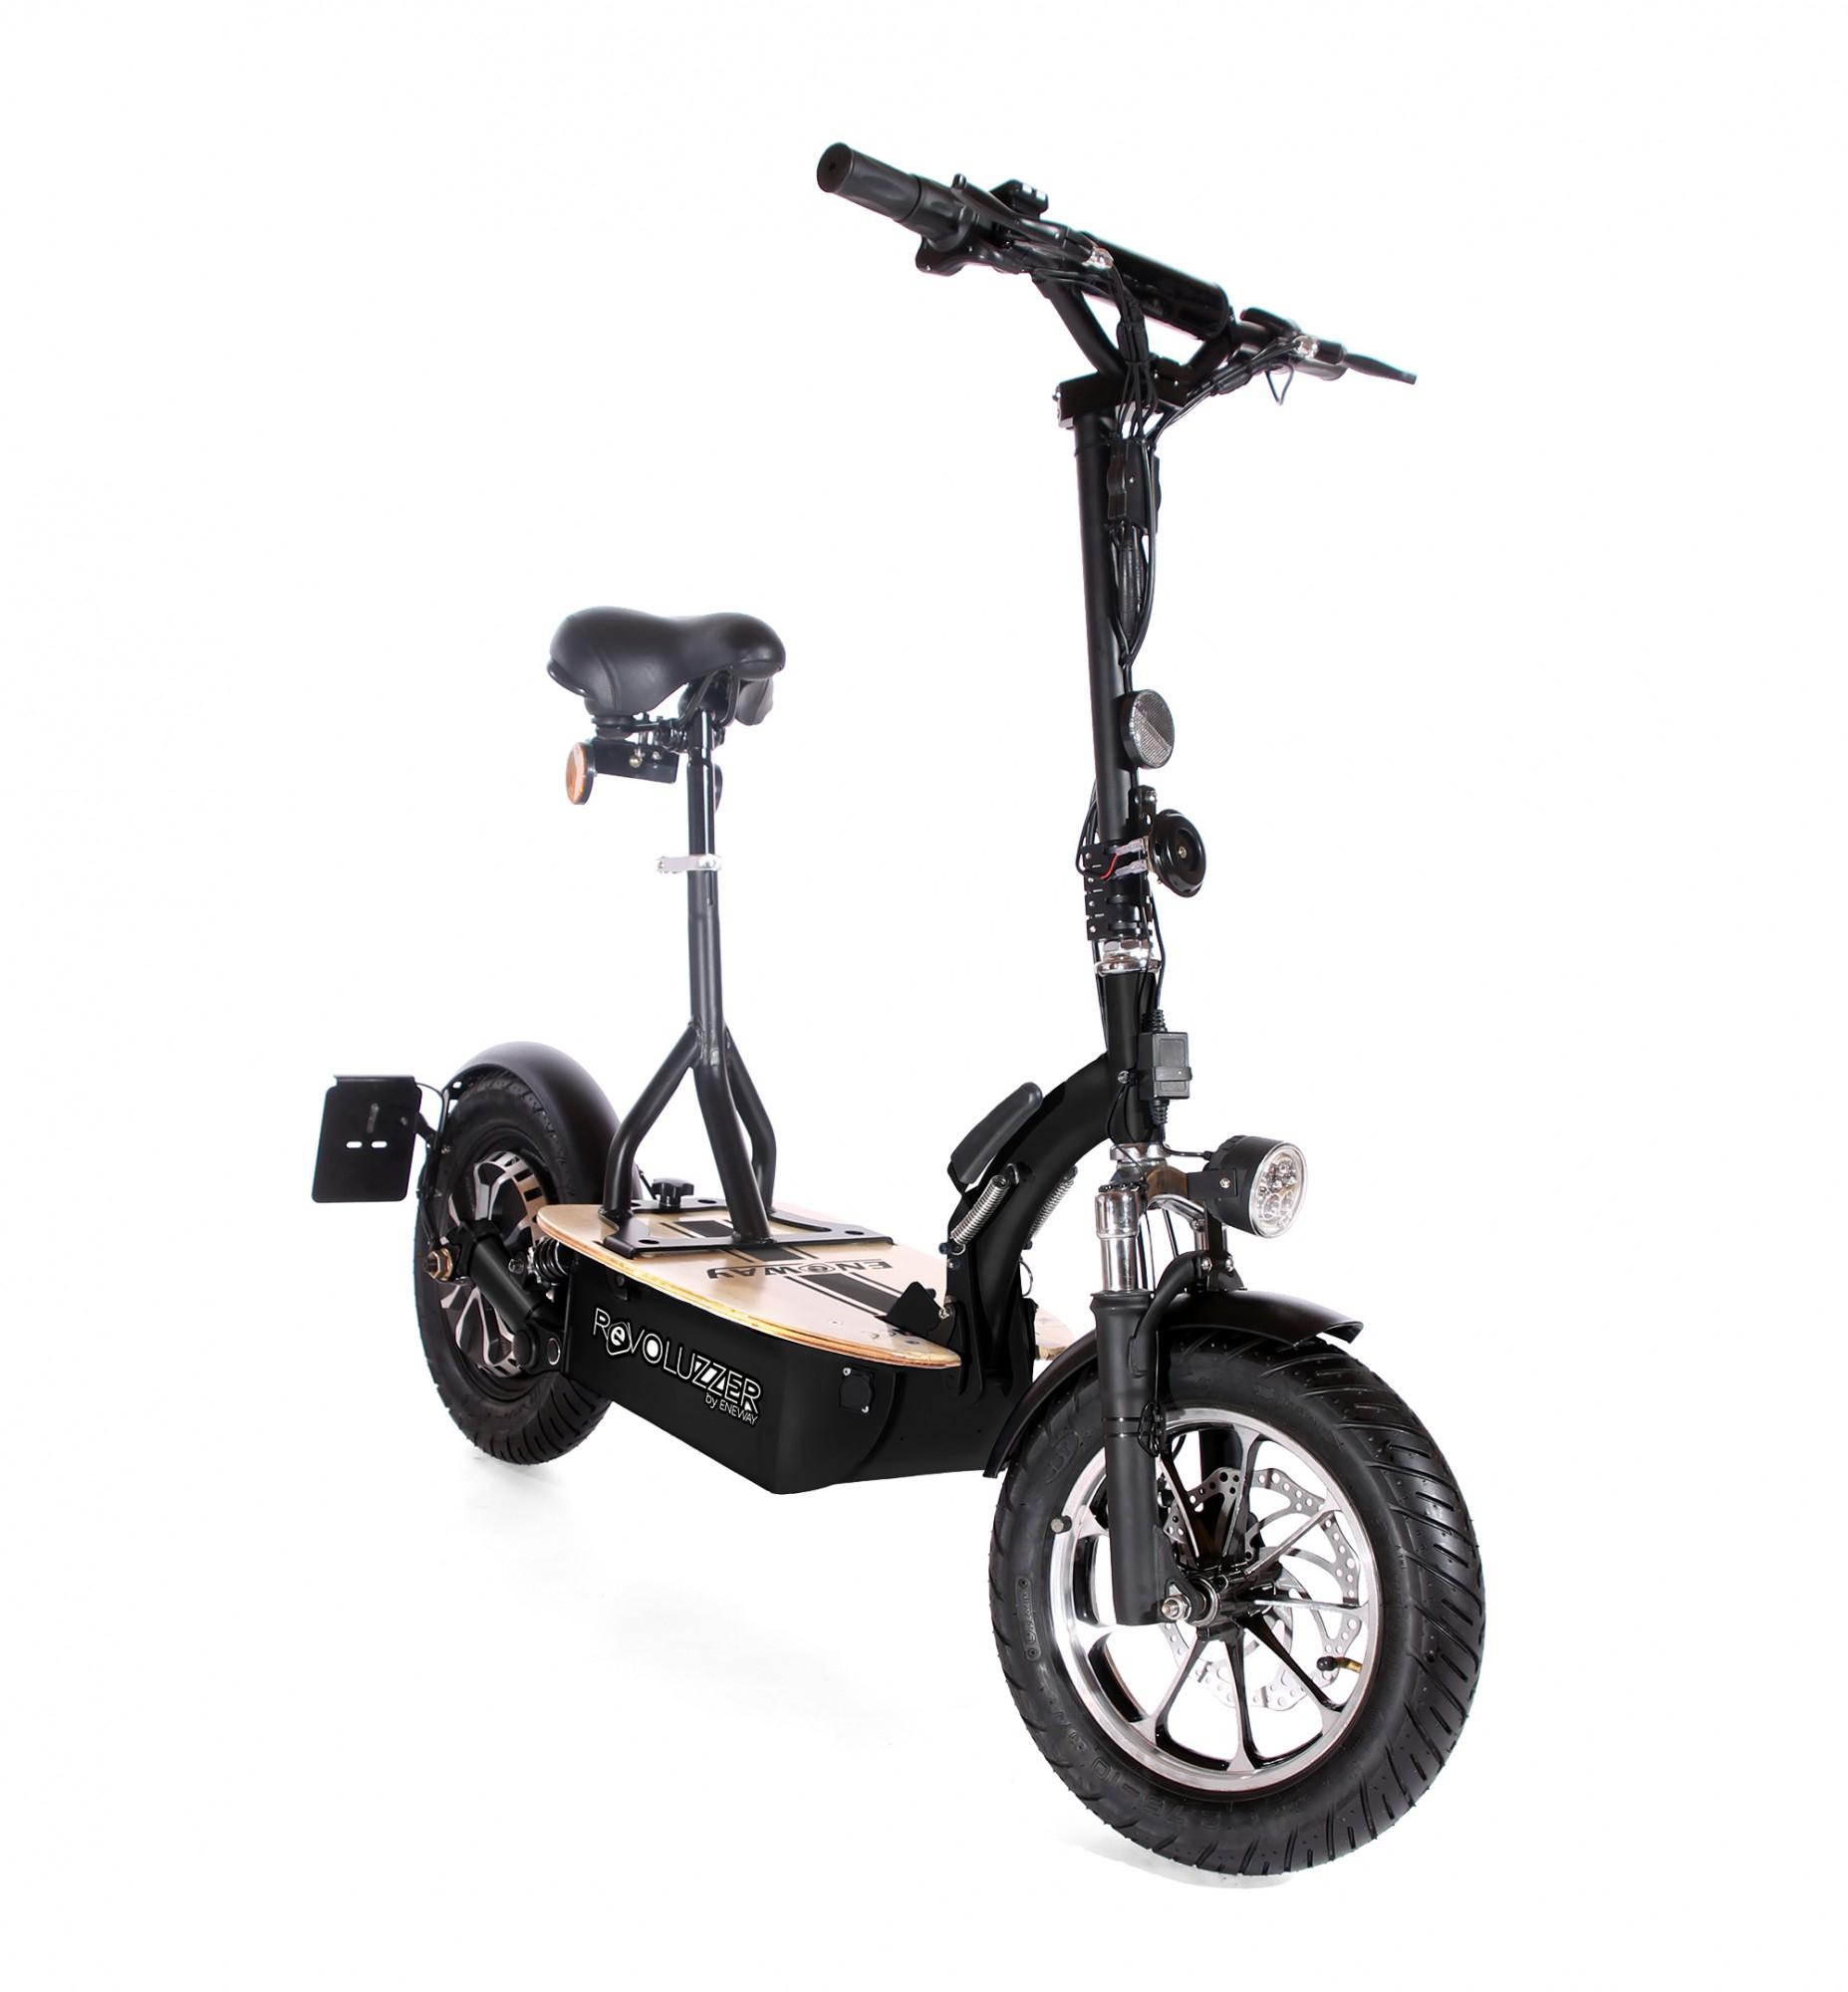 bdl 103 revoluzzer 2 0 elektroroller scooter 14. Black Bedroom Furniture Sets. Home Design Ideas